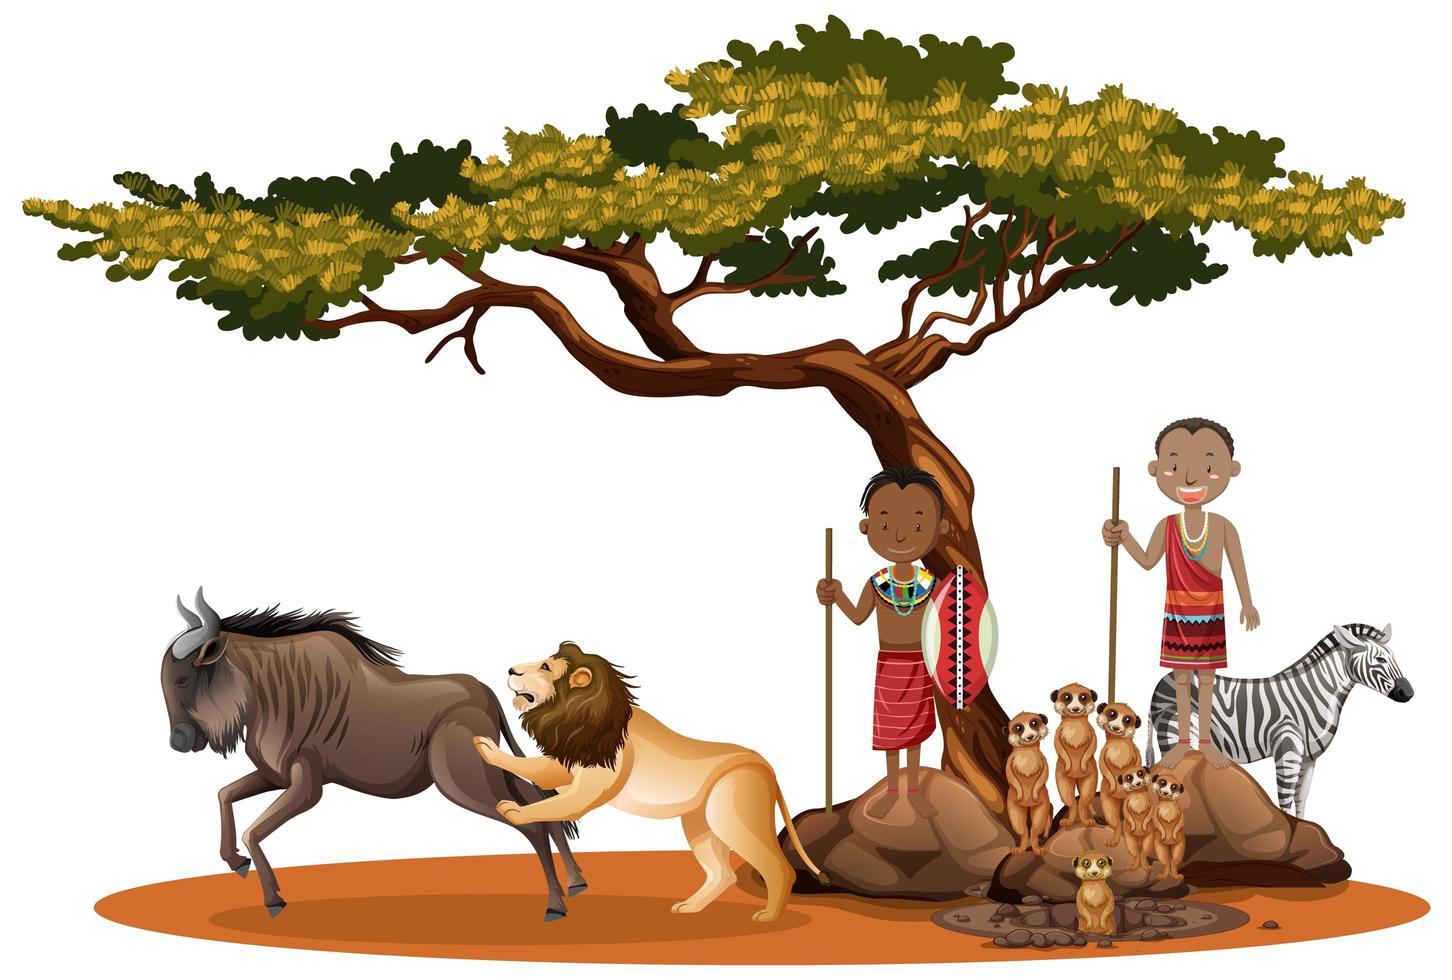 afrikanische Ureinwohner mit wilden Tieren im Freien vektor